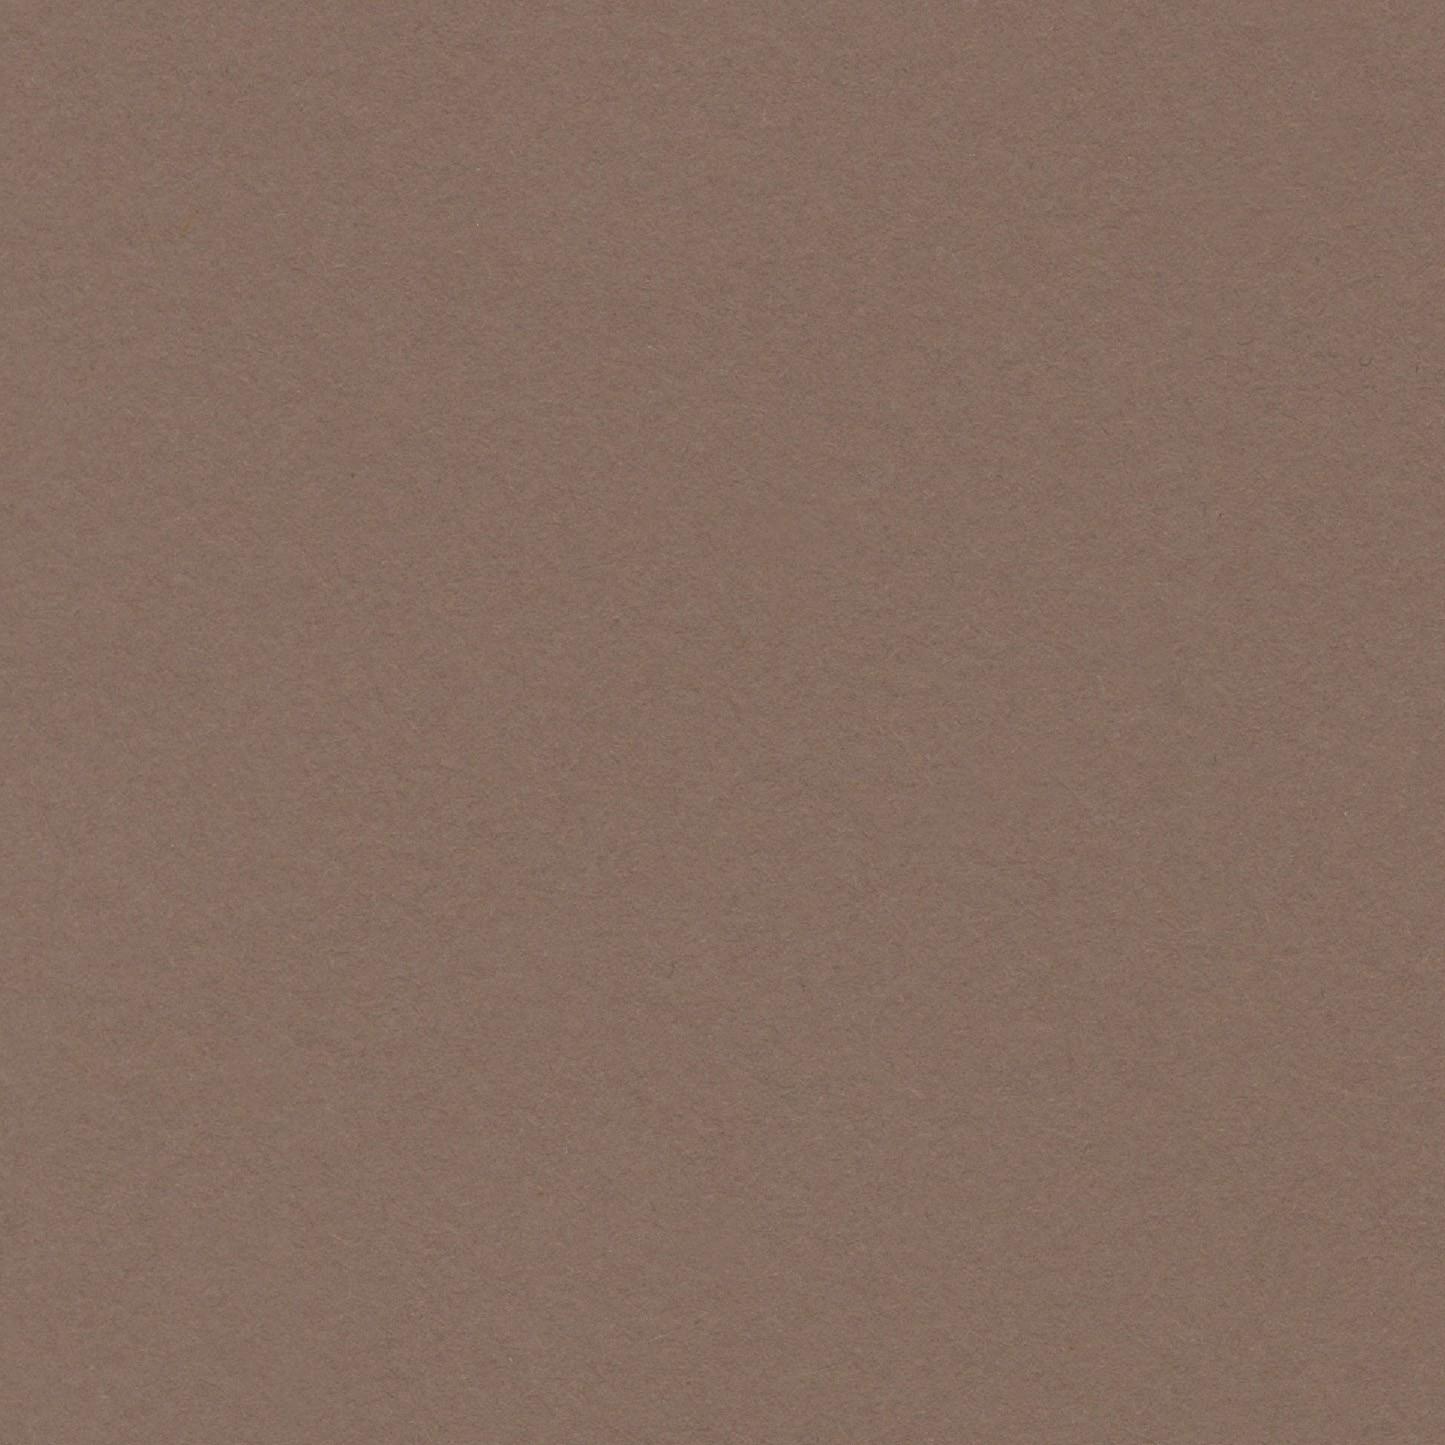 Brown - Mid Brown 135gsm